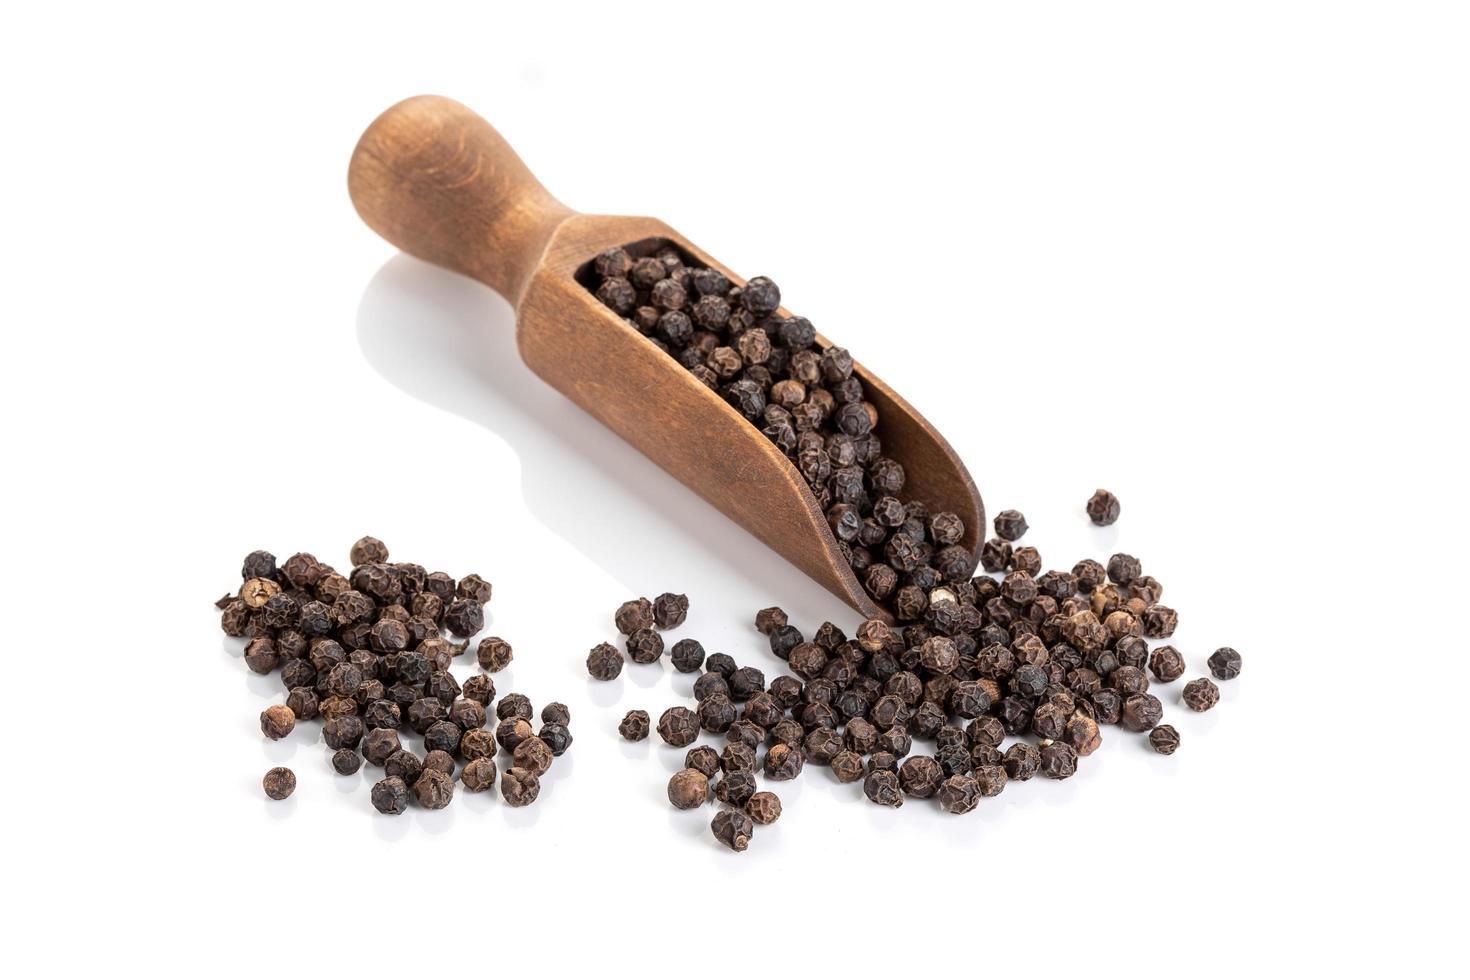 schwarze Pfefferkerne in einer Holzschaufel foto